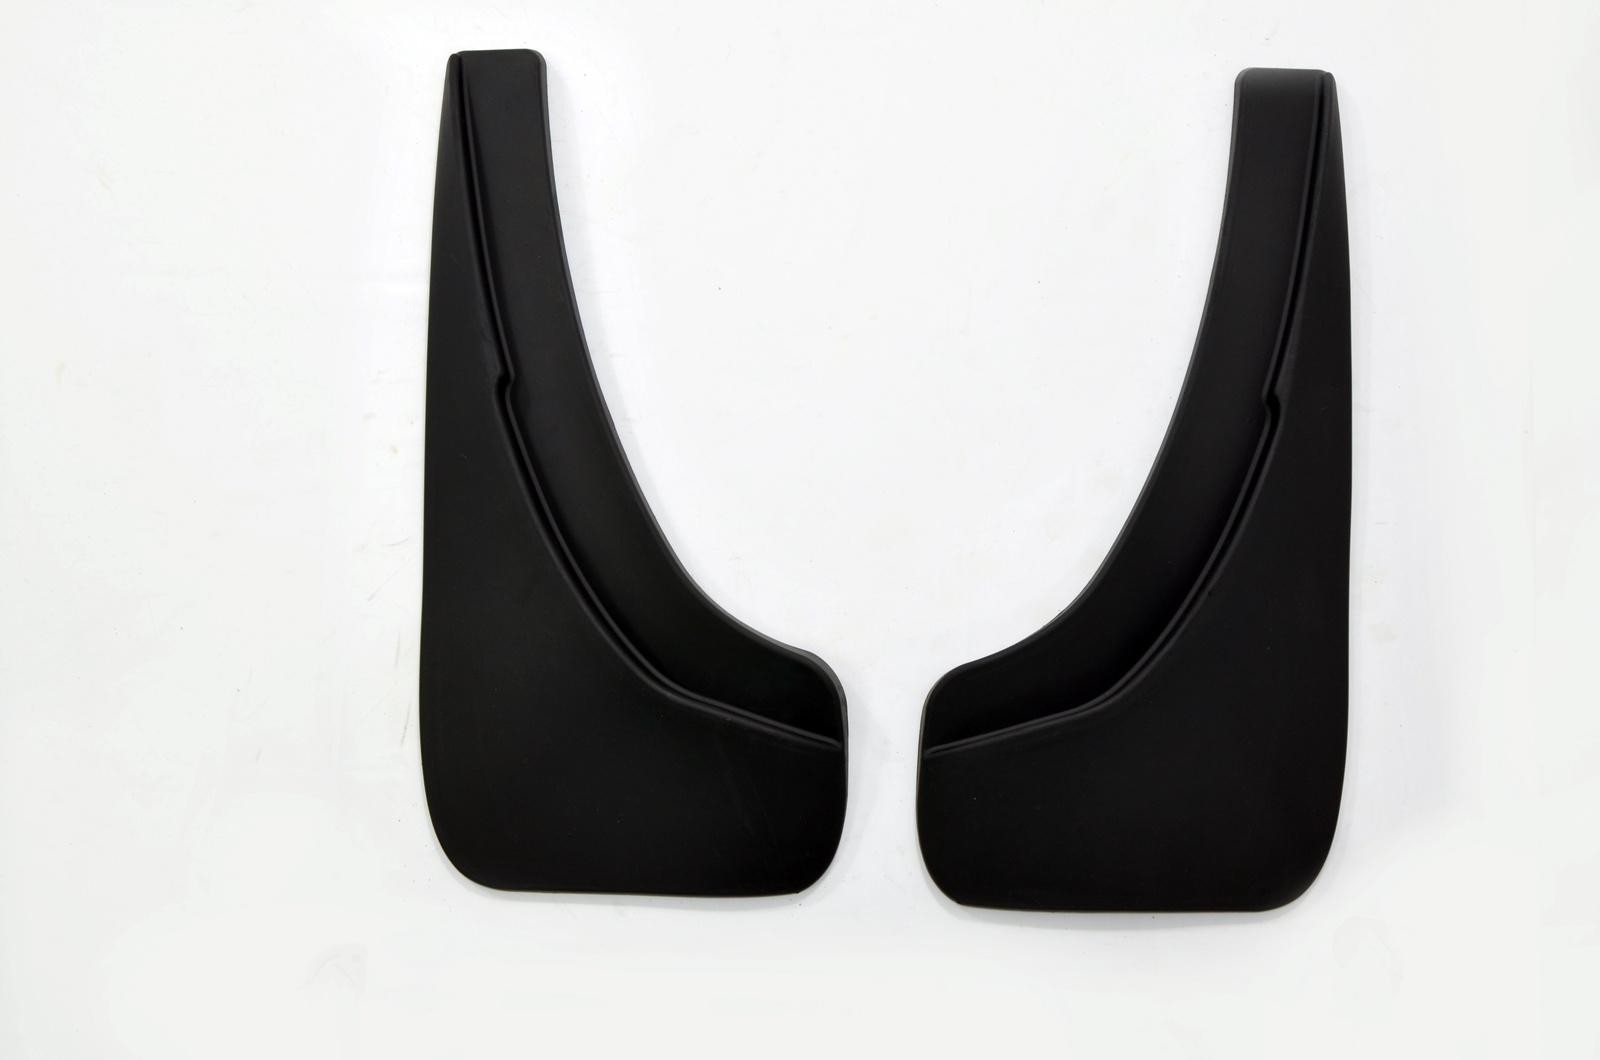 Брызговики резиновые для Skoda Yeti (2014-) Задние термокружка yeti